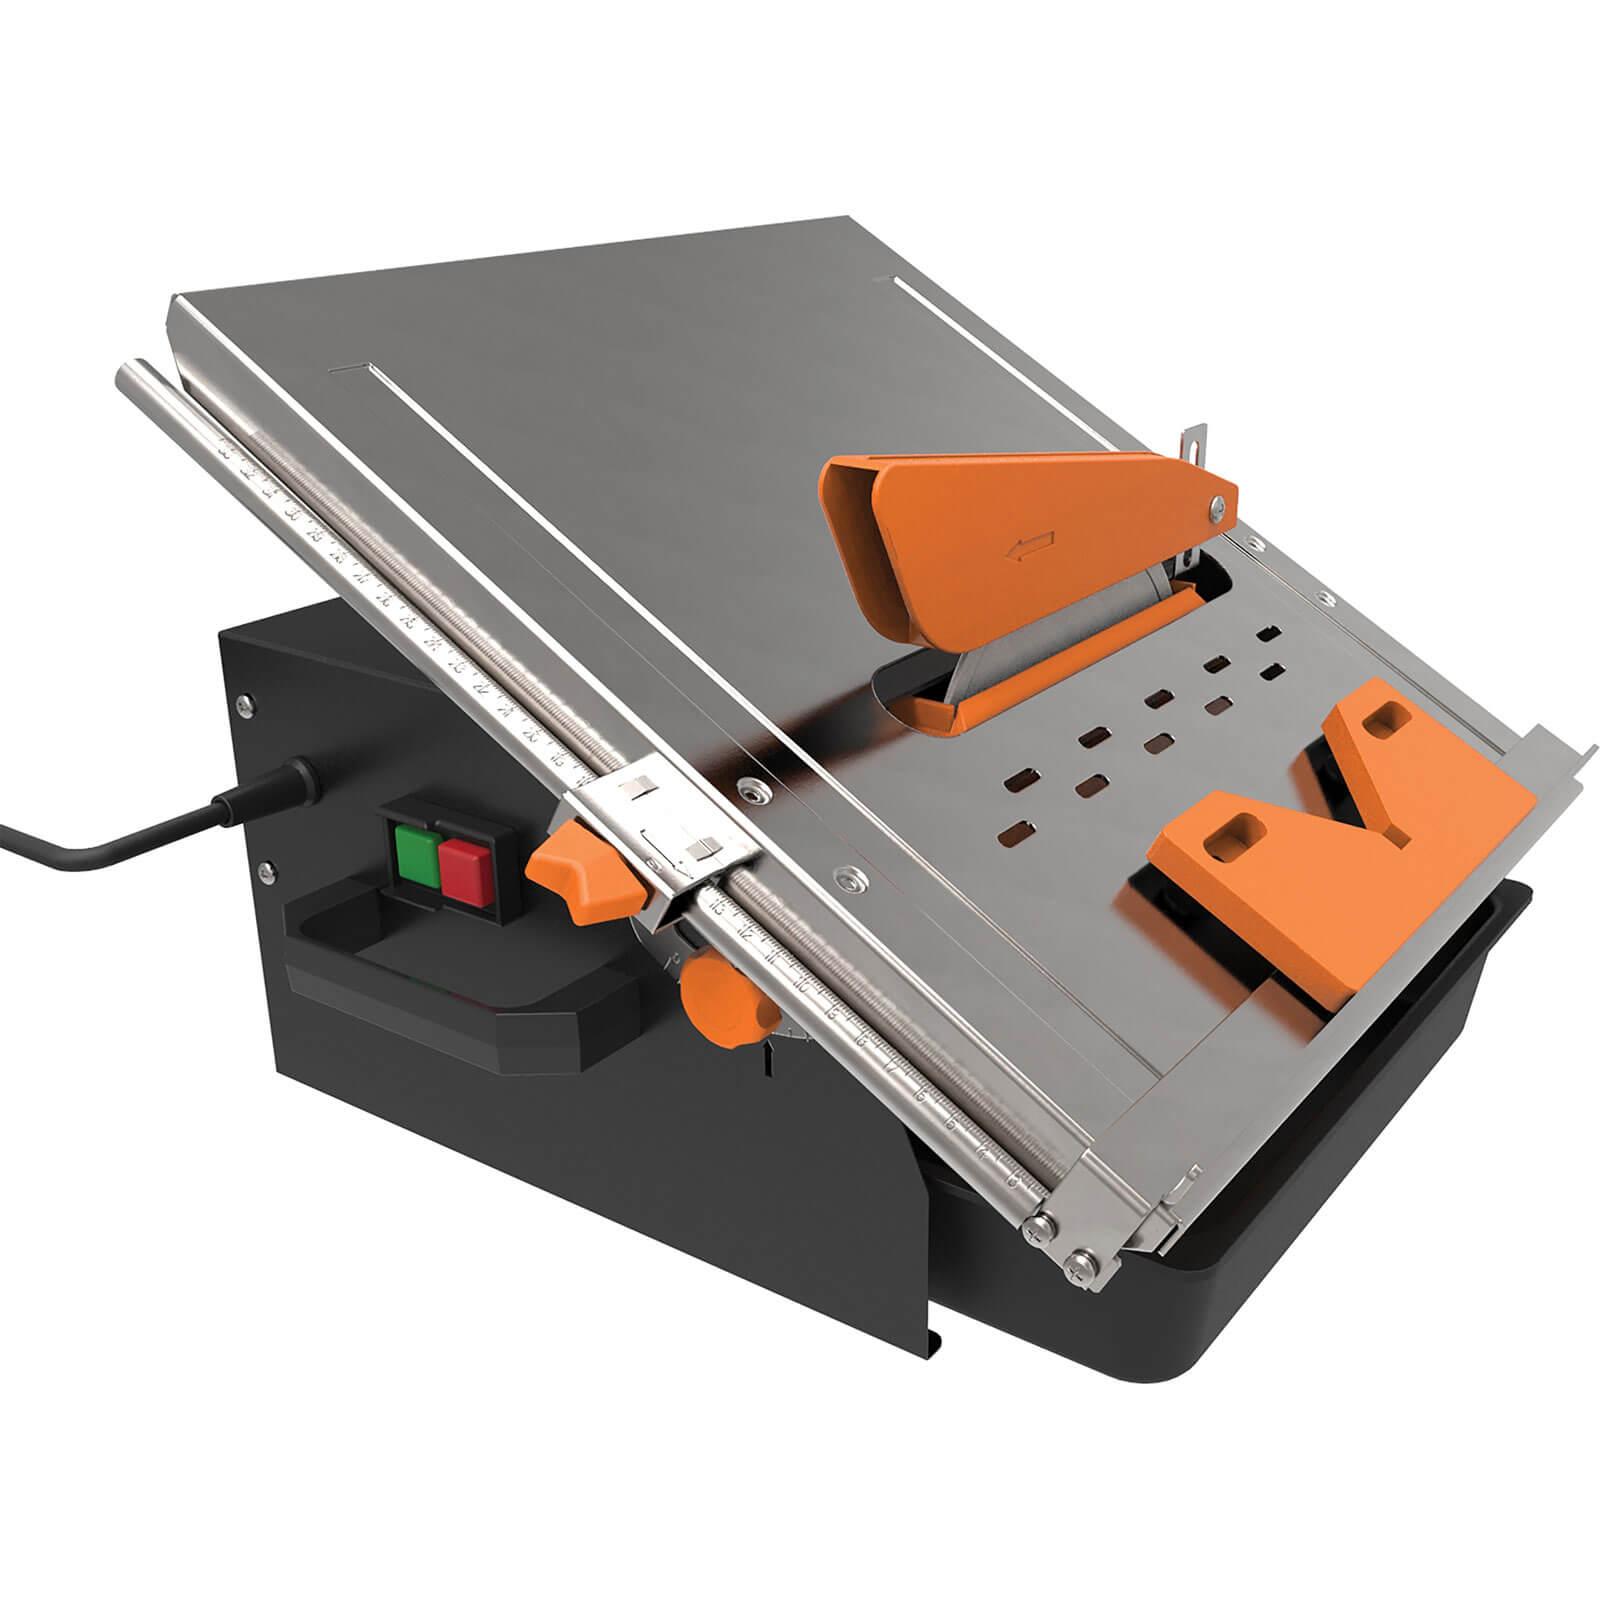 vitrex astro pro wet tile cutter. Black Bedroom Furniture Sets. Home Design Ideas